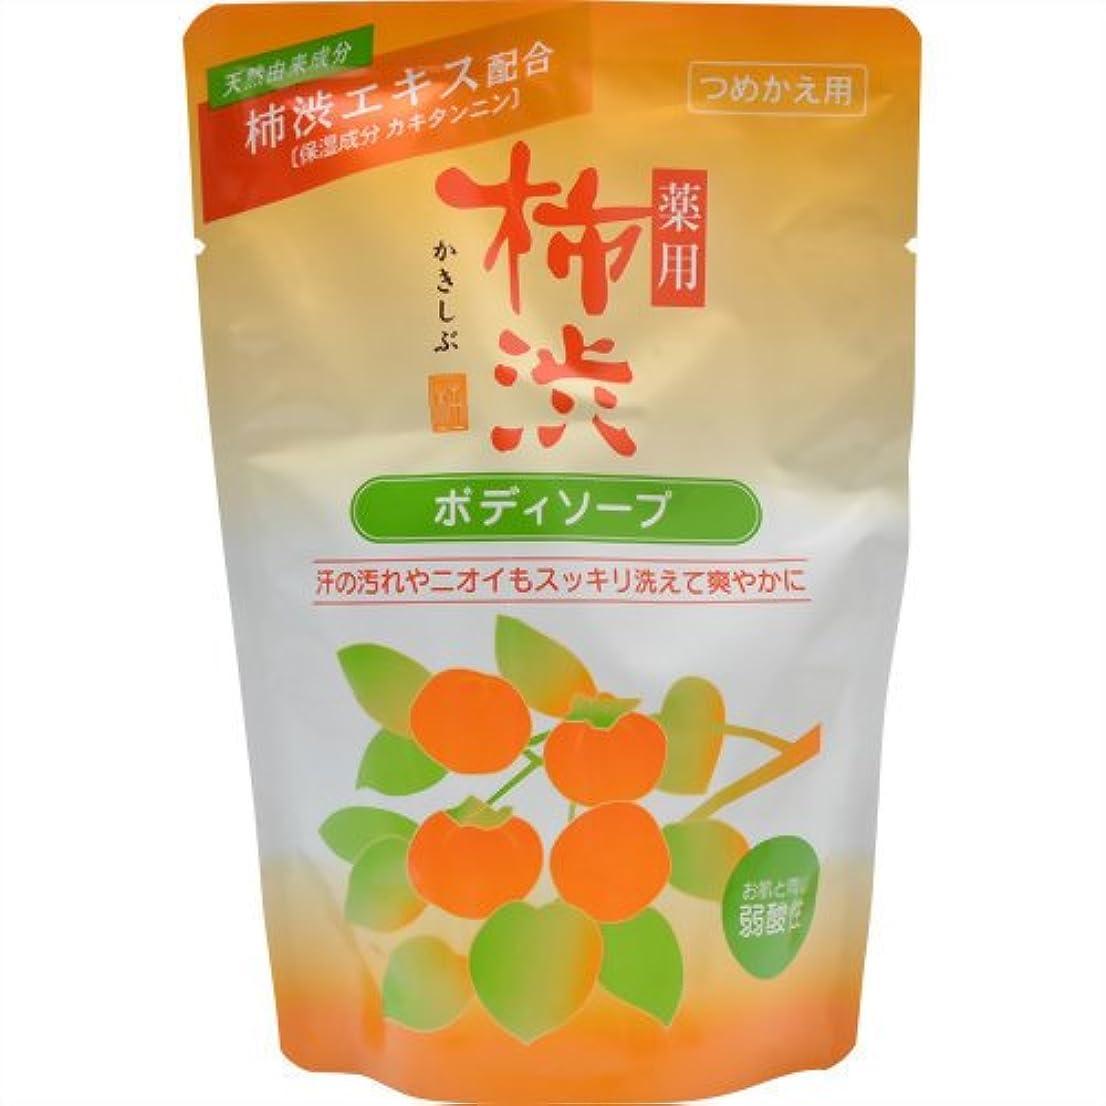 排除する遮るインスタンス薬用柿渋ボディソープ つめかえ用 350ml